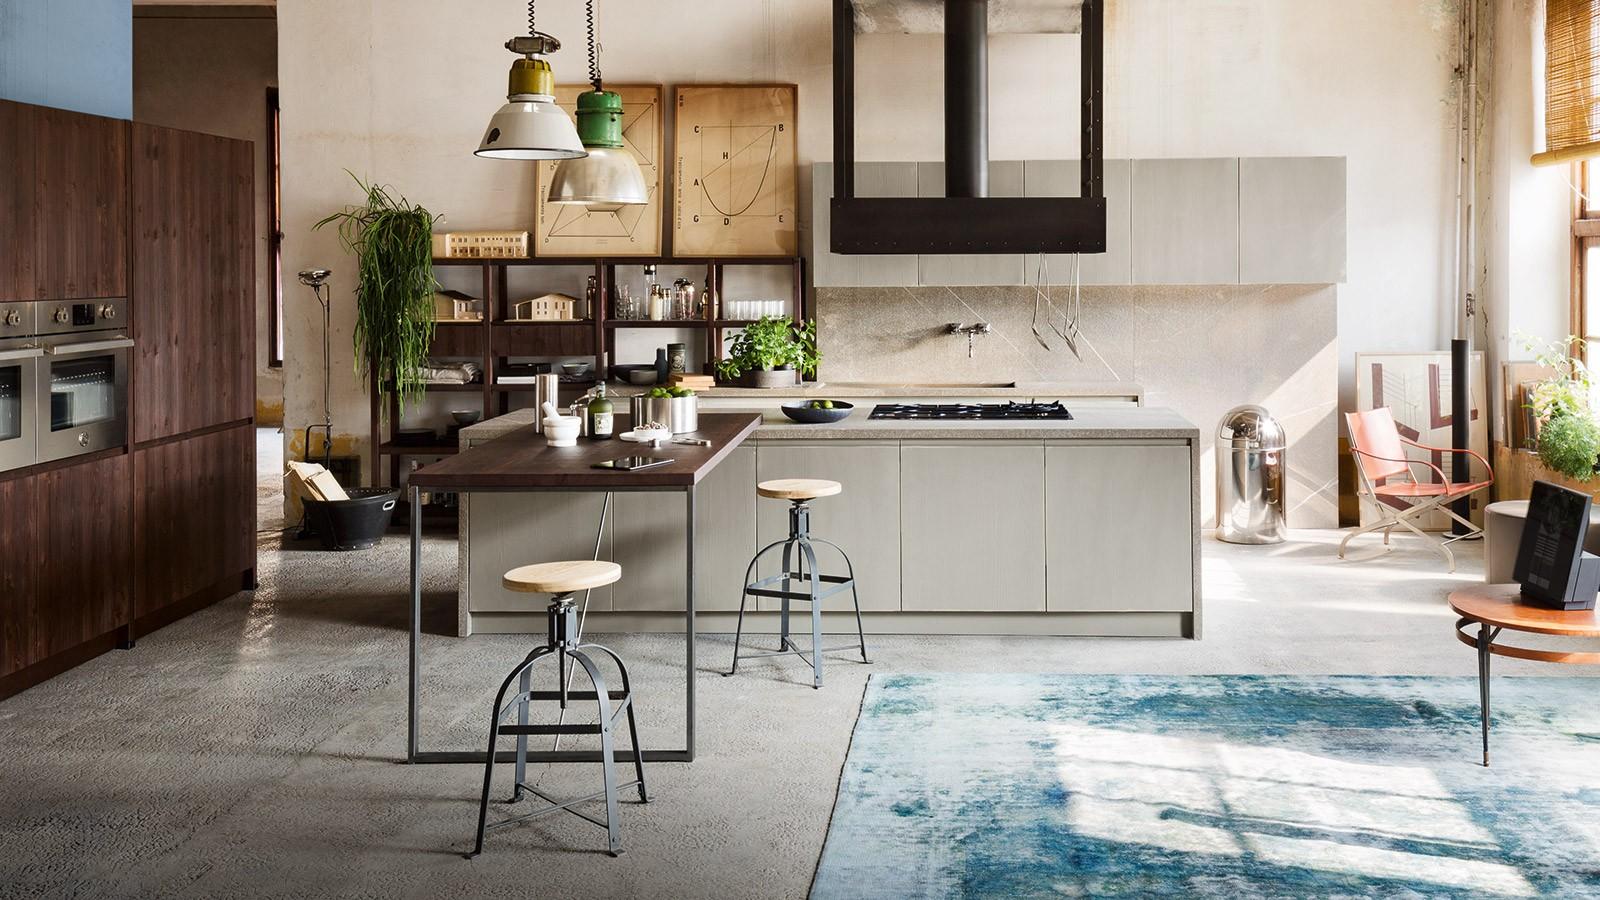 Arredamento Urban Cucina Pictures To Pin On Pinterest #426F7F 1600 900 Arredamento Cucina Piccola Nuova Costruzione